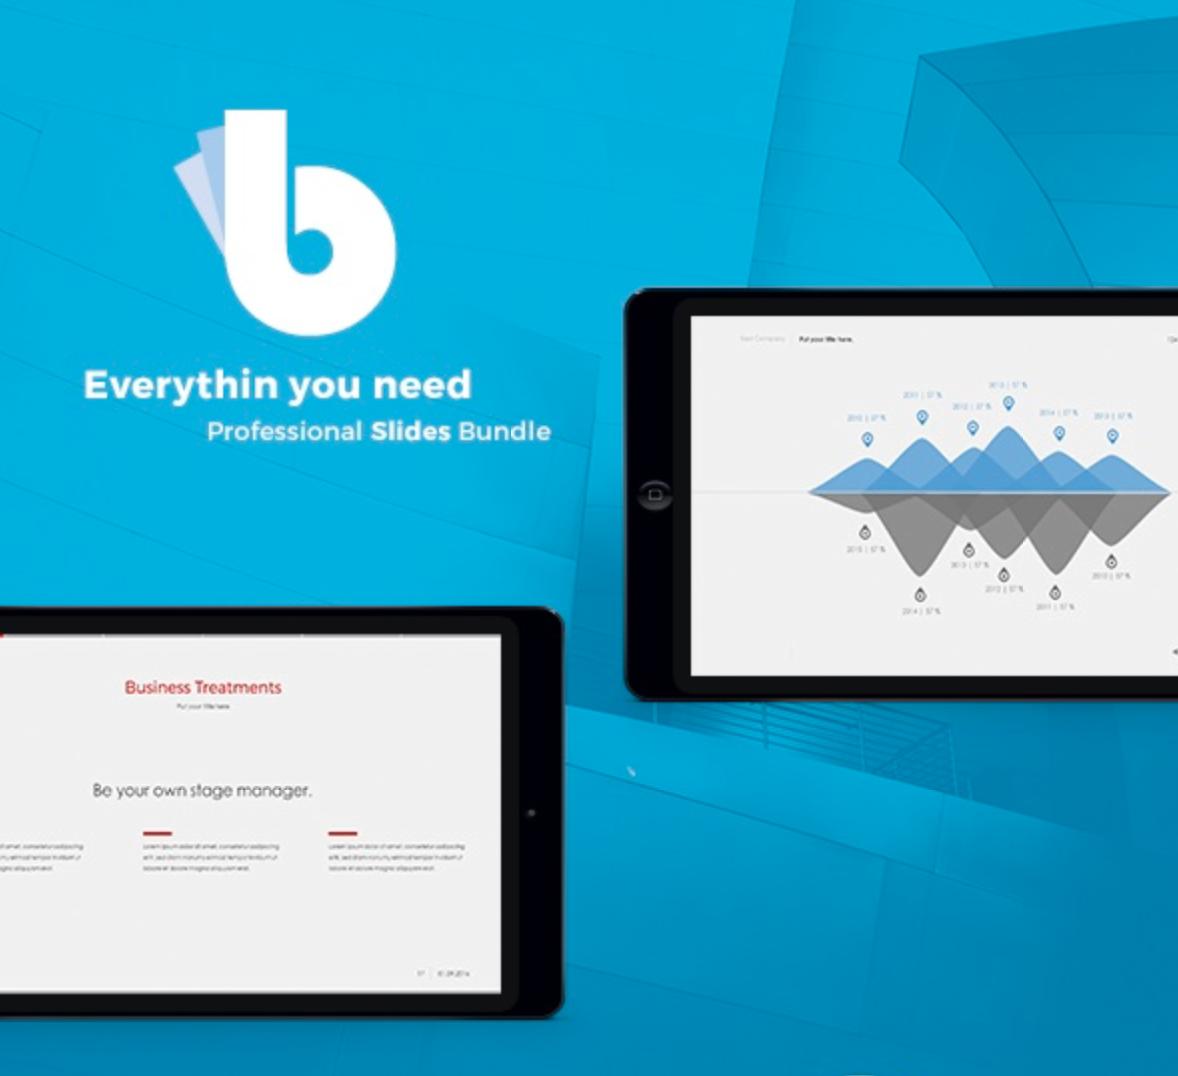 b. Google Slides Bundle